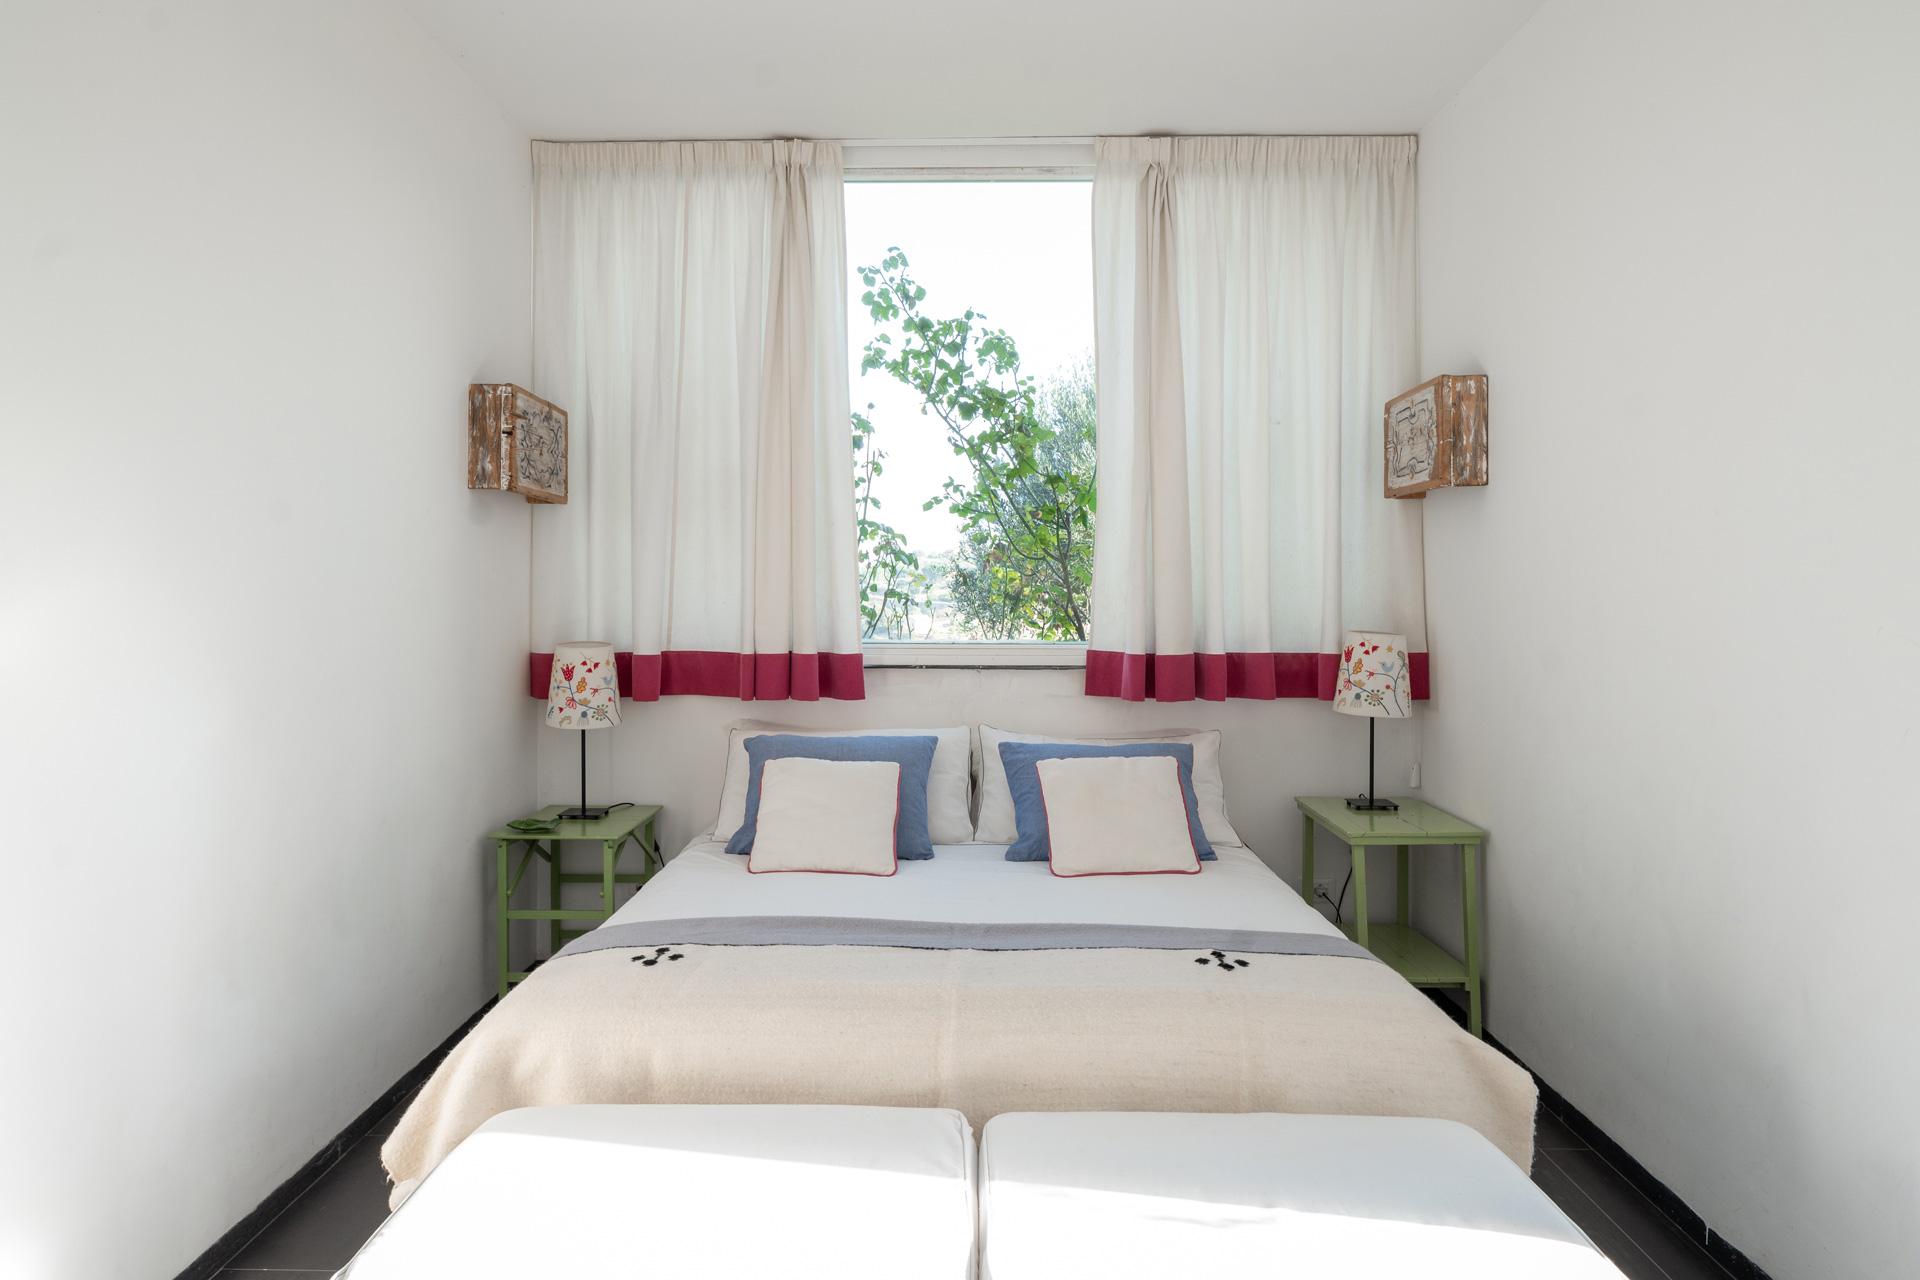 Casa Cerasuola - Camera con finestra su rose